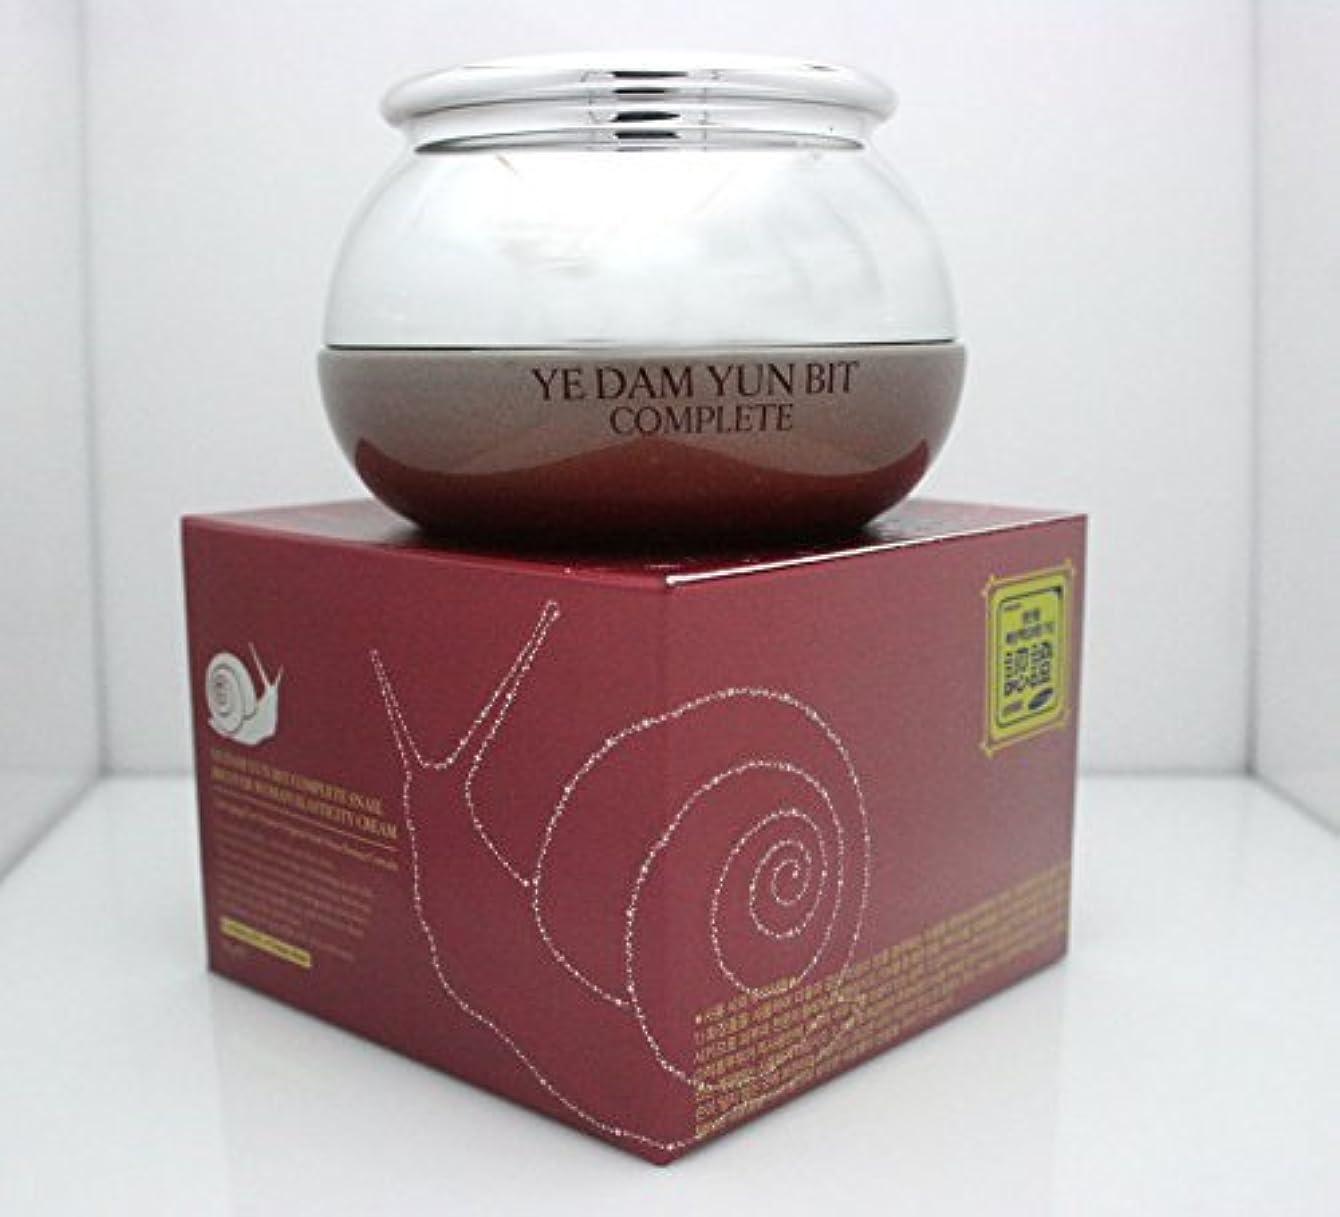 部族通信する交通[YEDAM YUNBIT] 完全なカタツムリ?リフト?リフティング?クリーム50g/韓国化粧品/Complete Snail Recover Lifting Cream 50g/Korean cosmetics [並行輸入品]